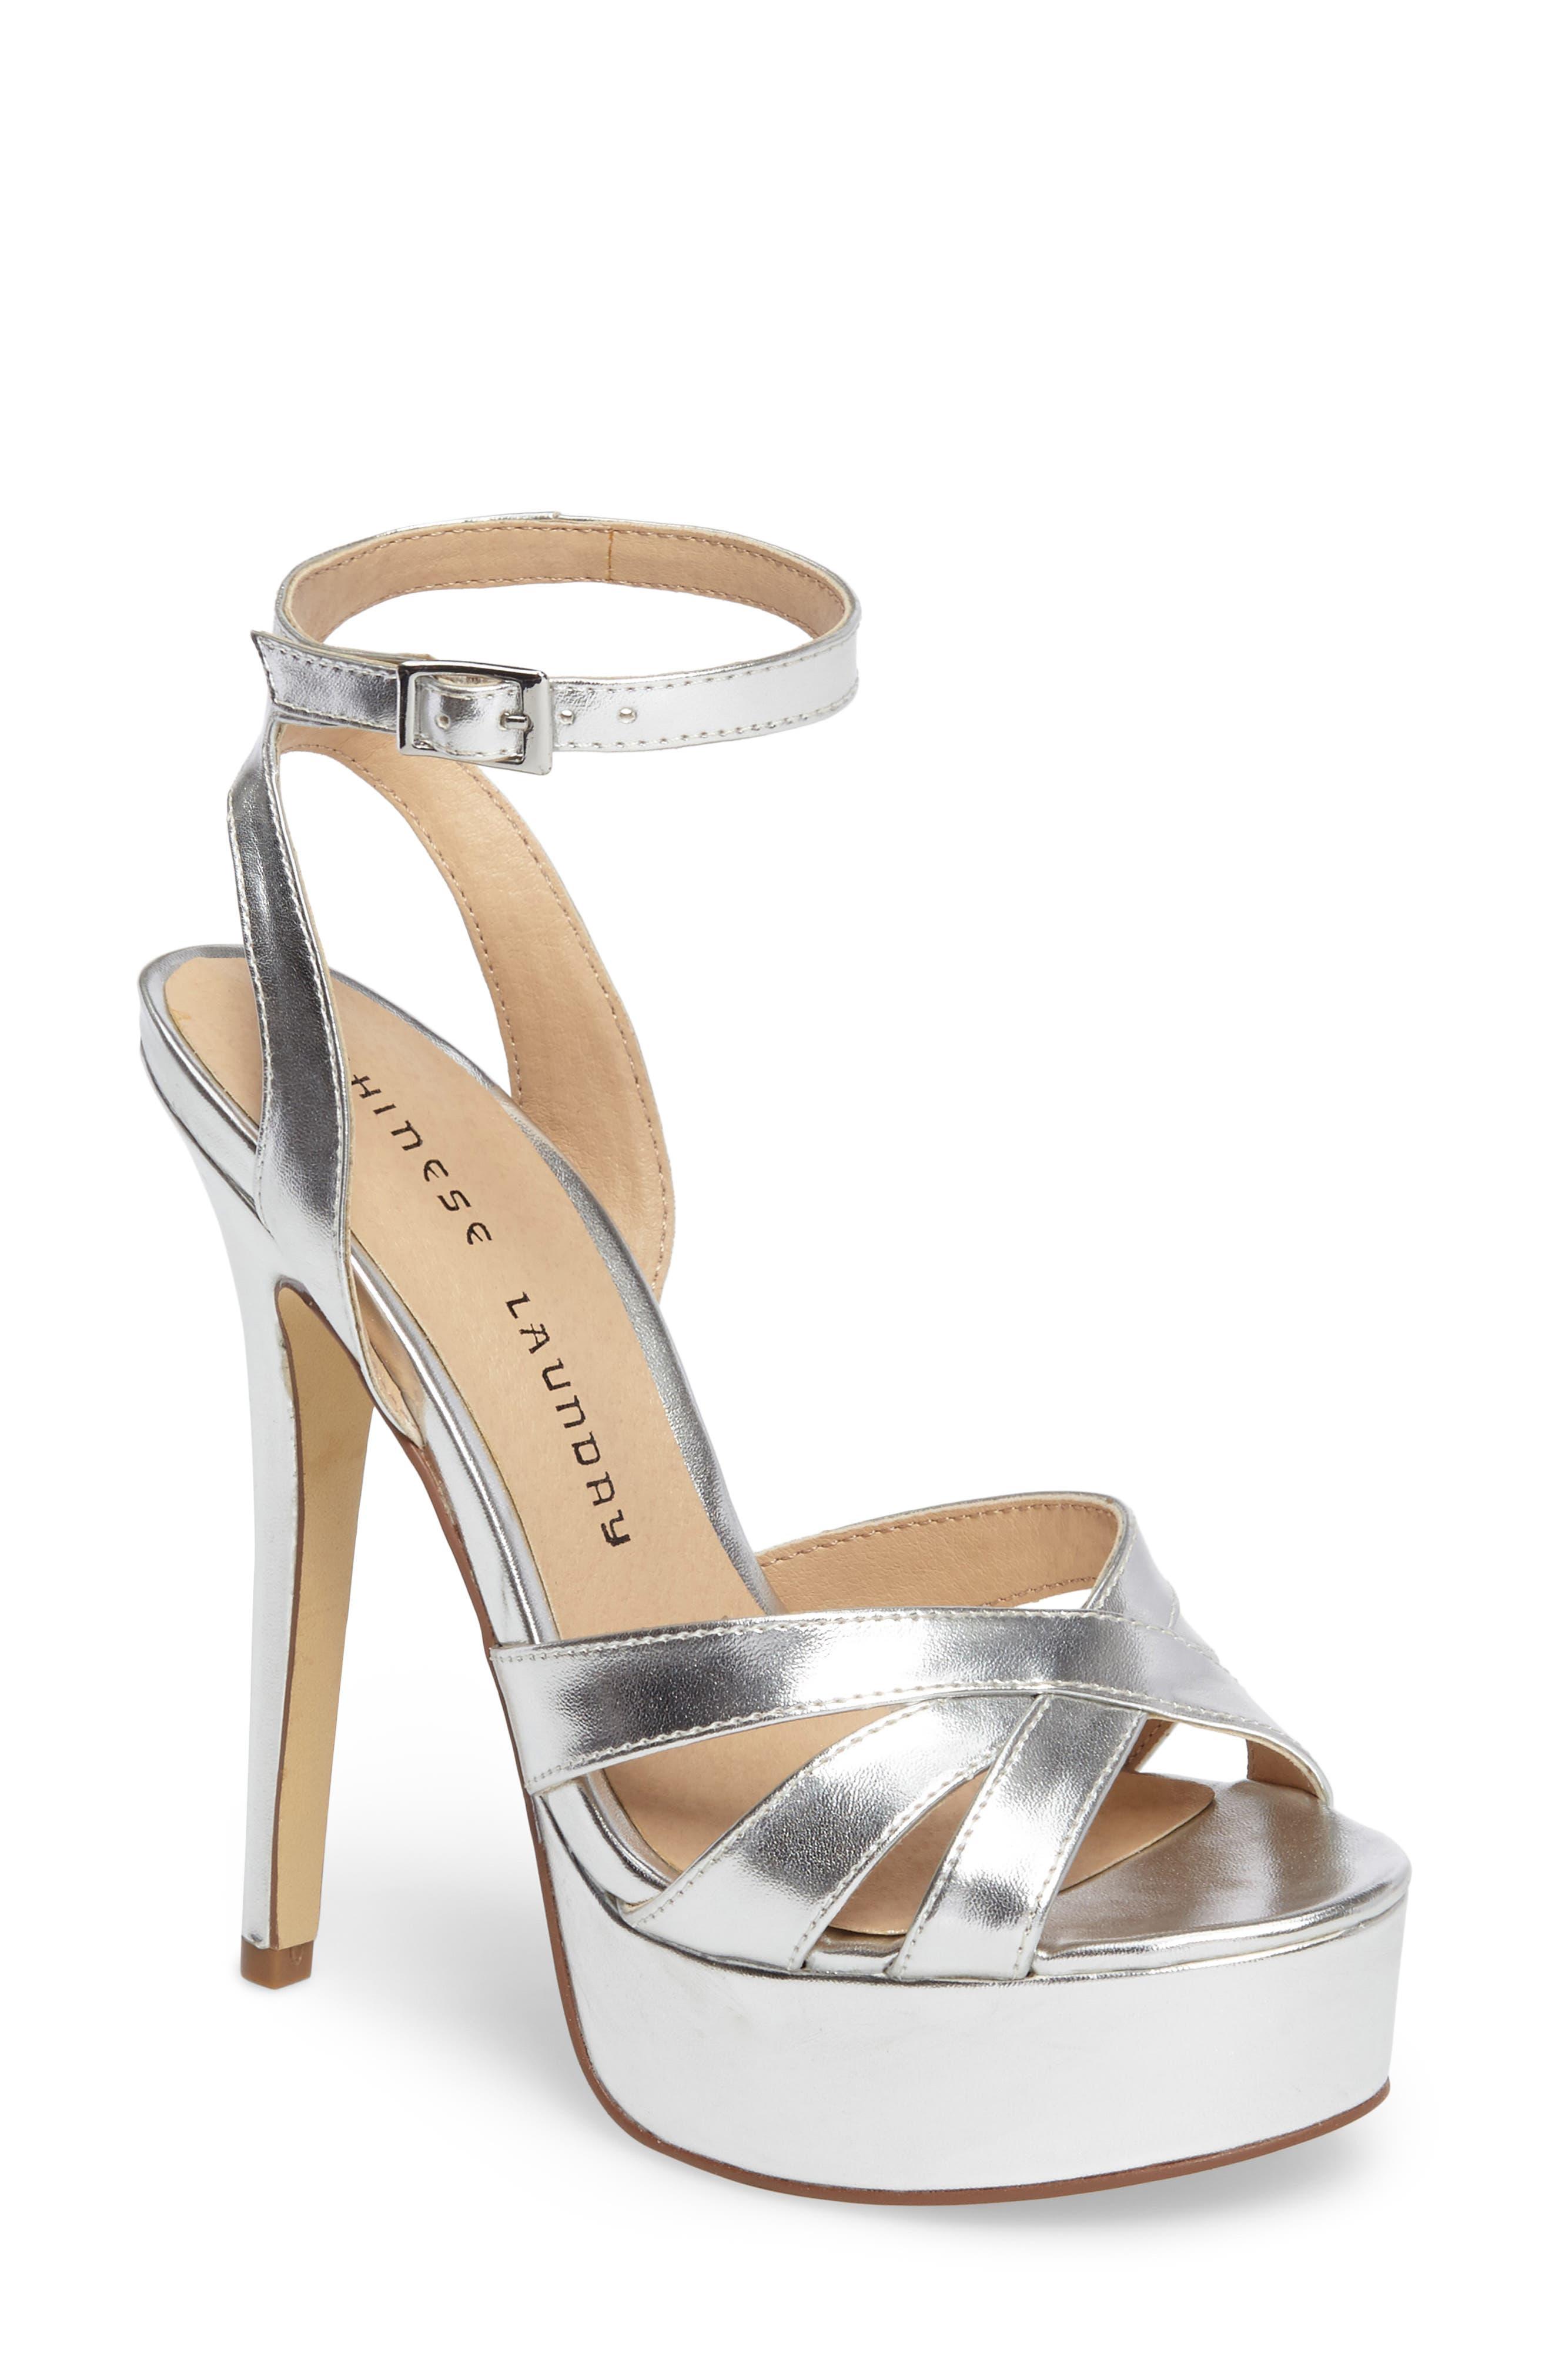 Alyssa Strappy Platform Sandal,                         Main,                         color, Silver